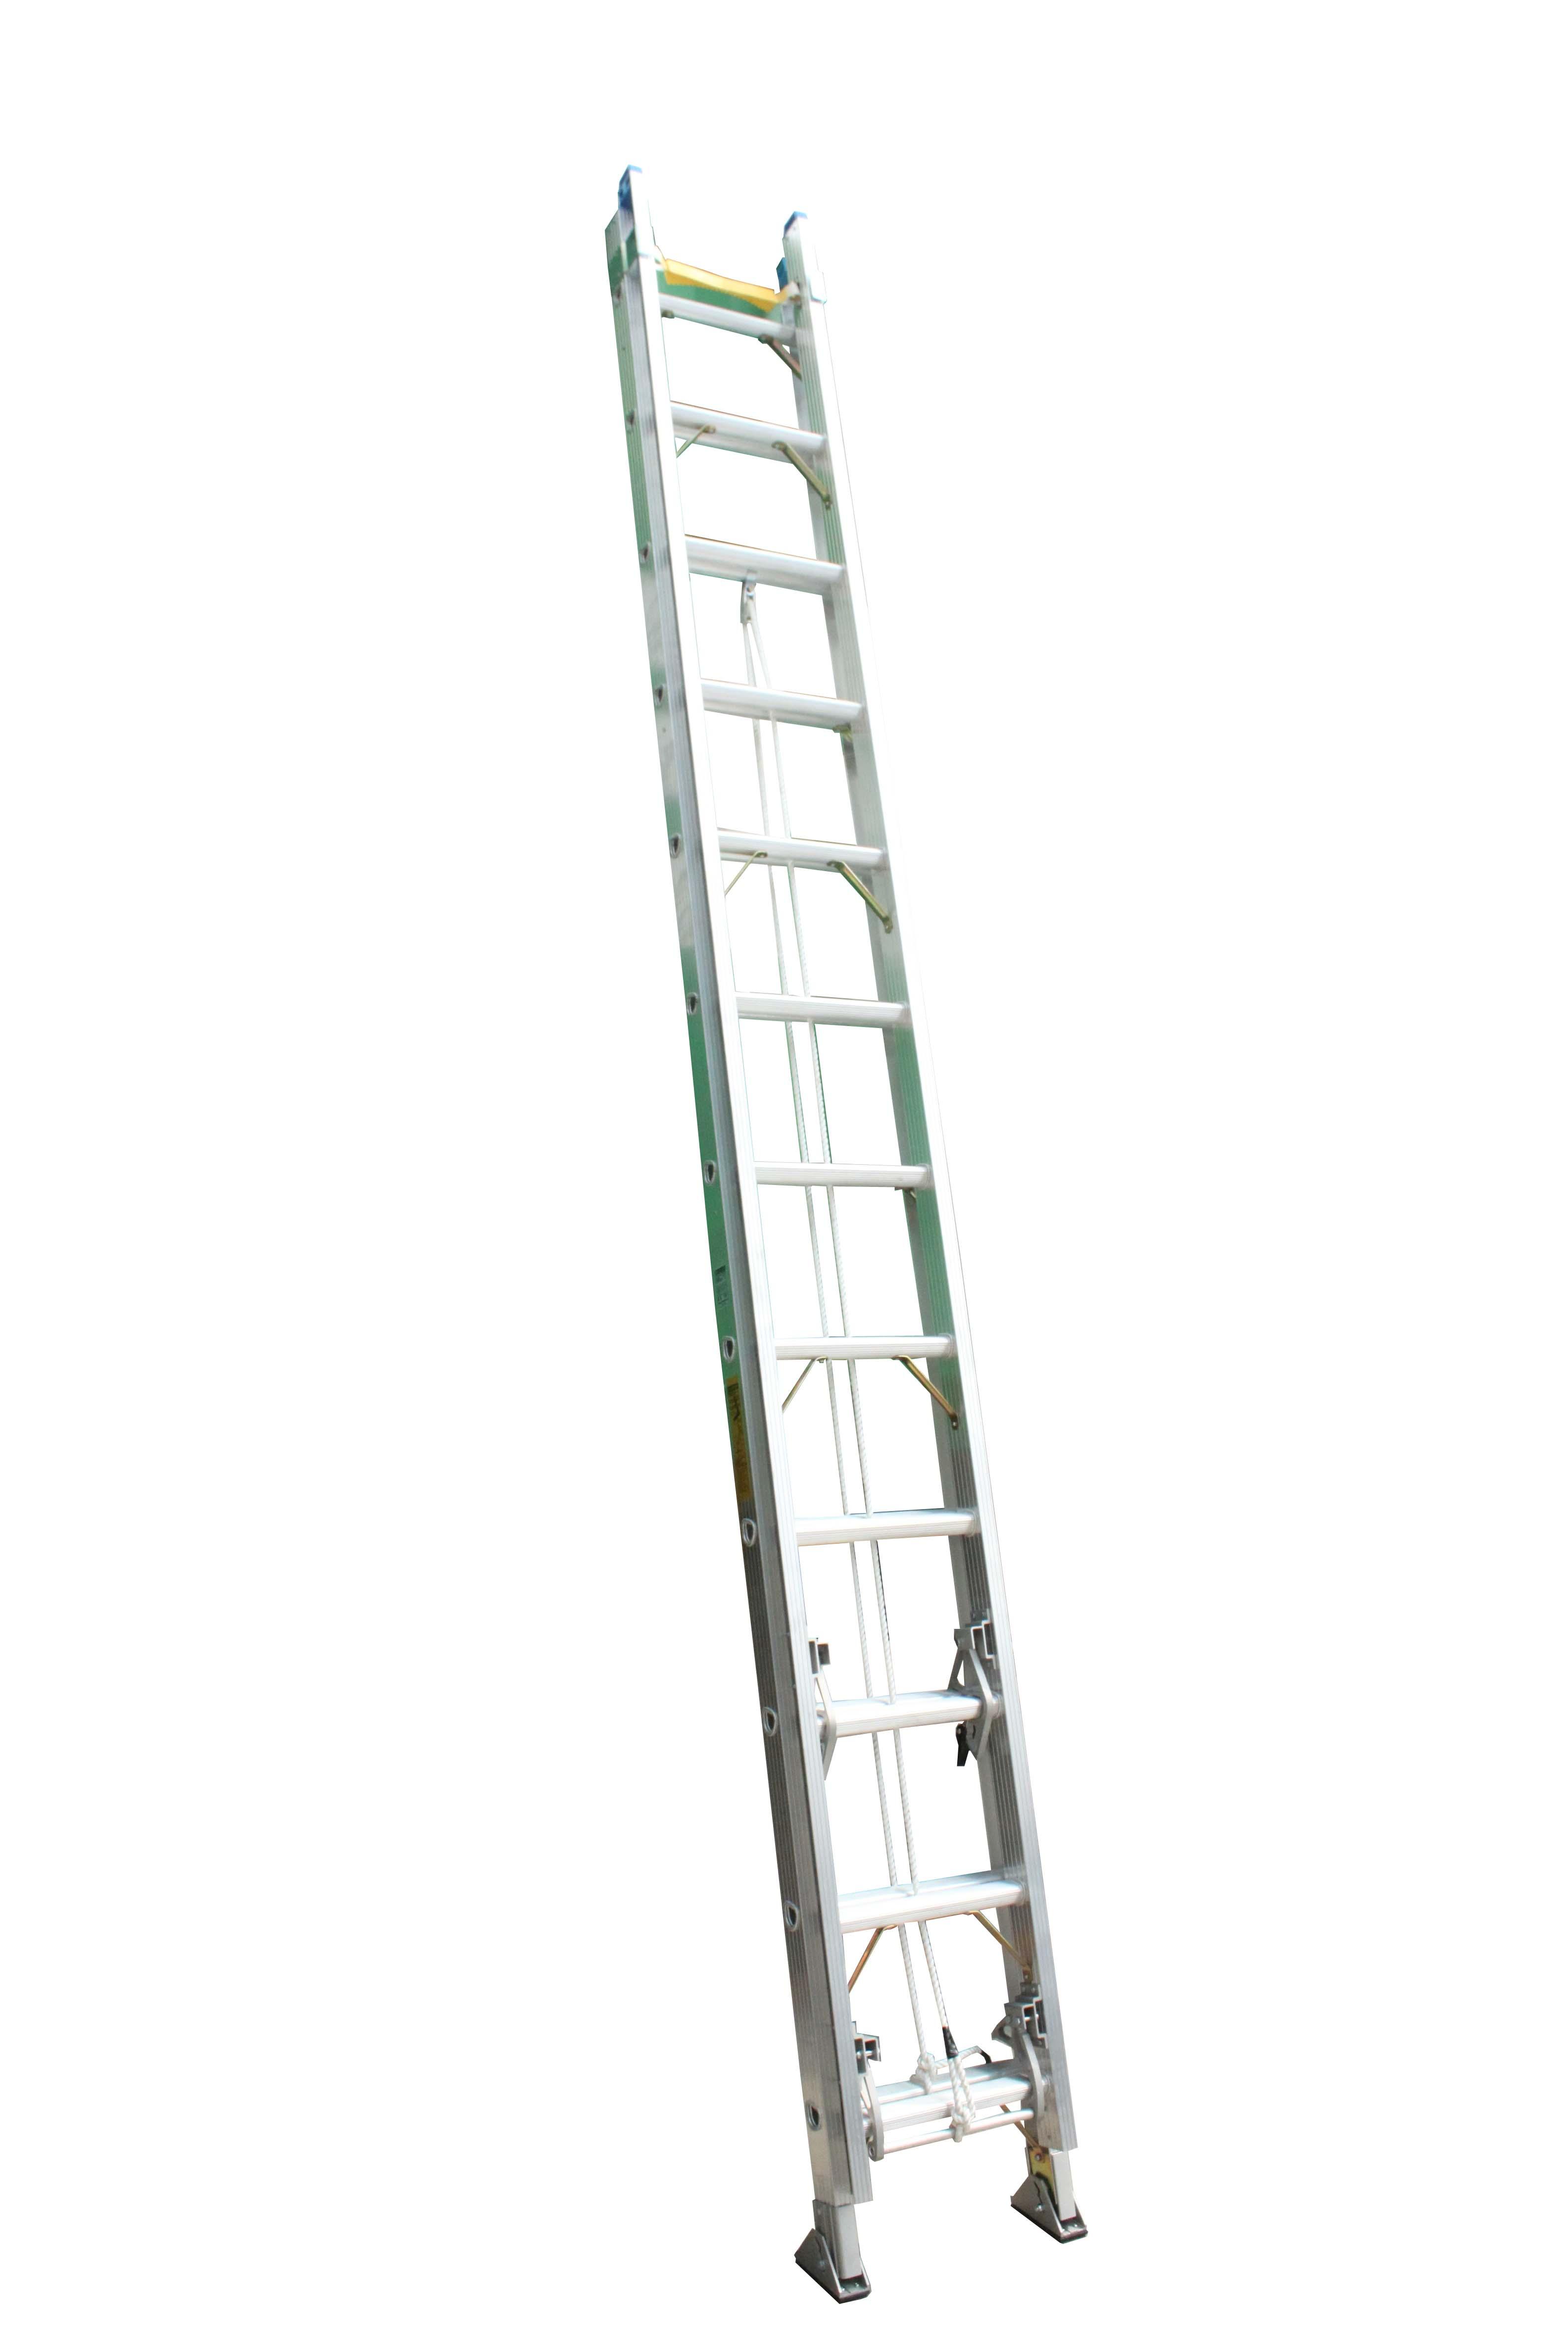 Taiwan Ax Aluminum D Rung Extension Ladder